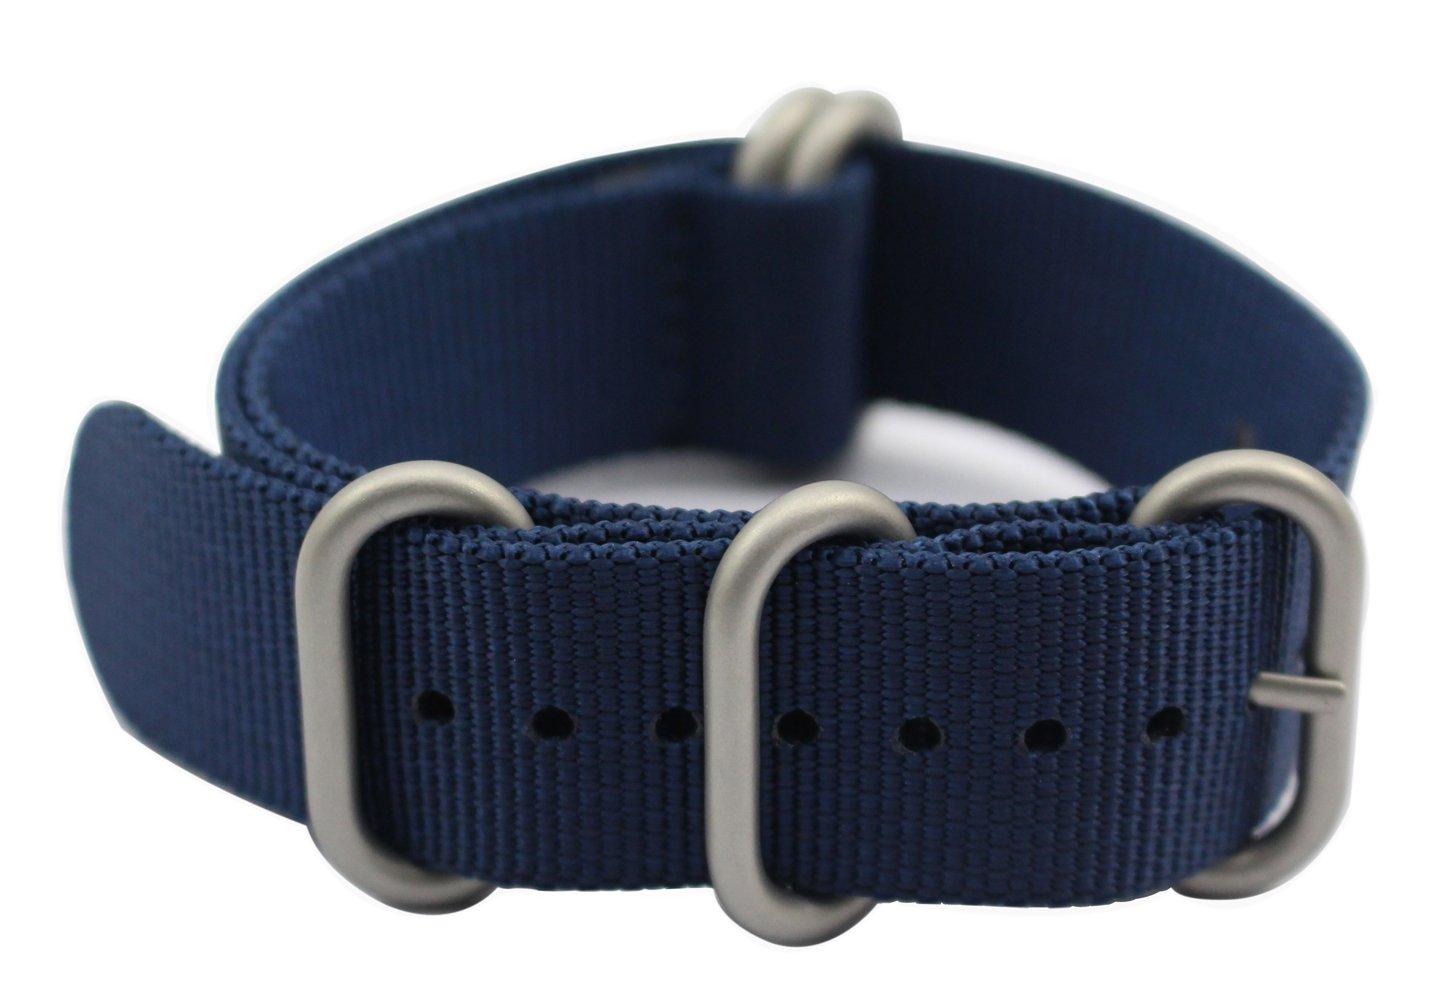 アートスタイル 腕時計バンド 厚さ1.5mm 良質ナイロンストラップ 丈夫なつや消しバックル 22mm ブルー 22mm ブルー ブルー 22mm B01BBPFWPK